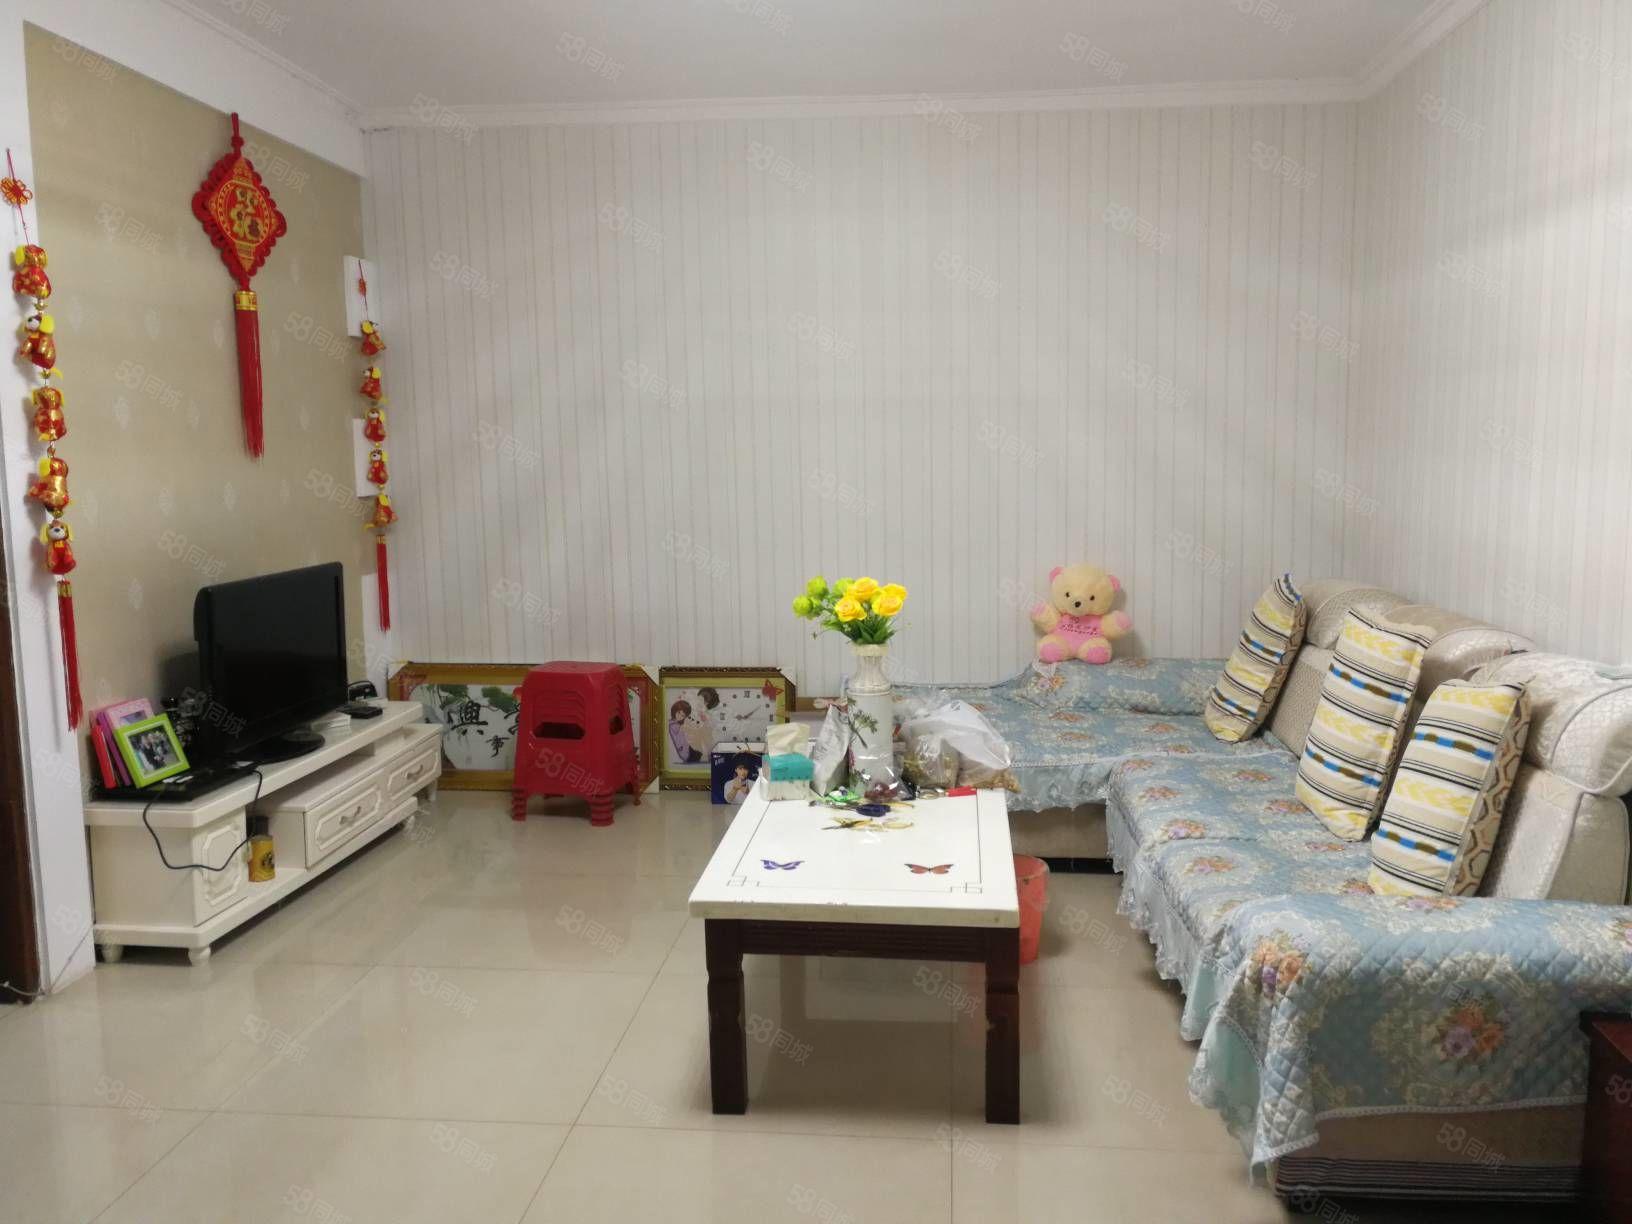 好地段乾亨生態園4樓大兩室精裝修寬敞舒適讀書方便